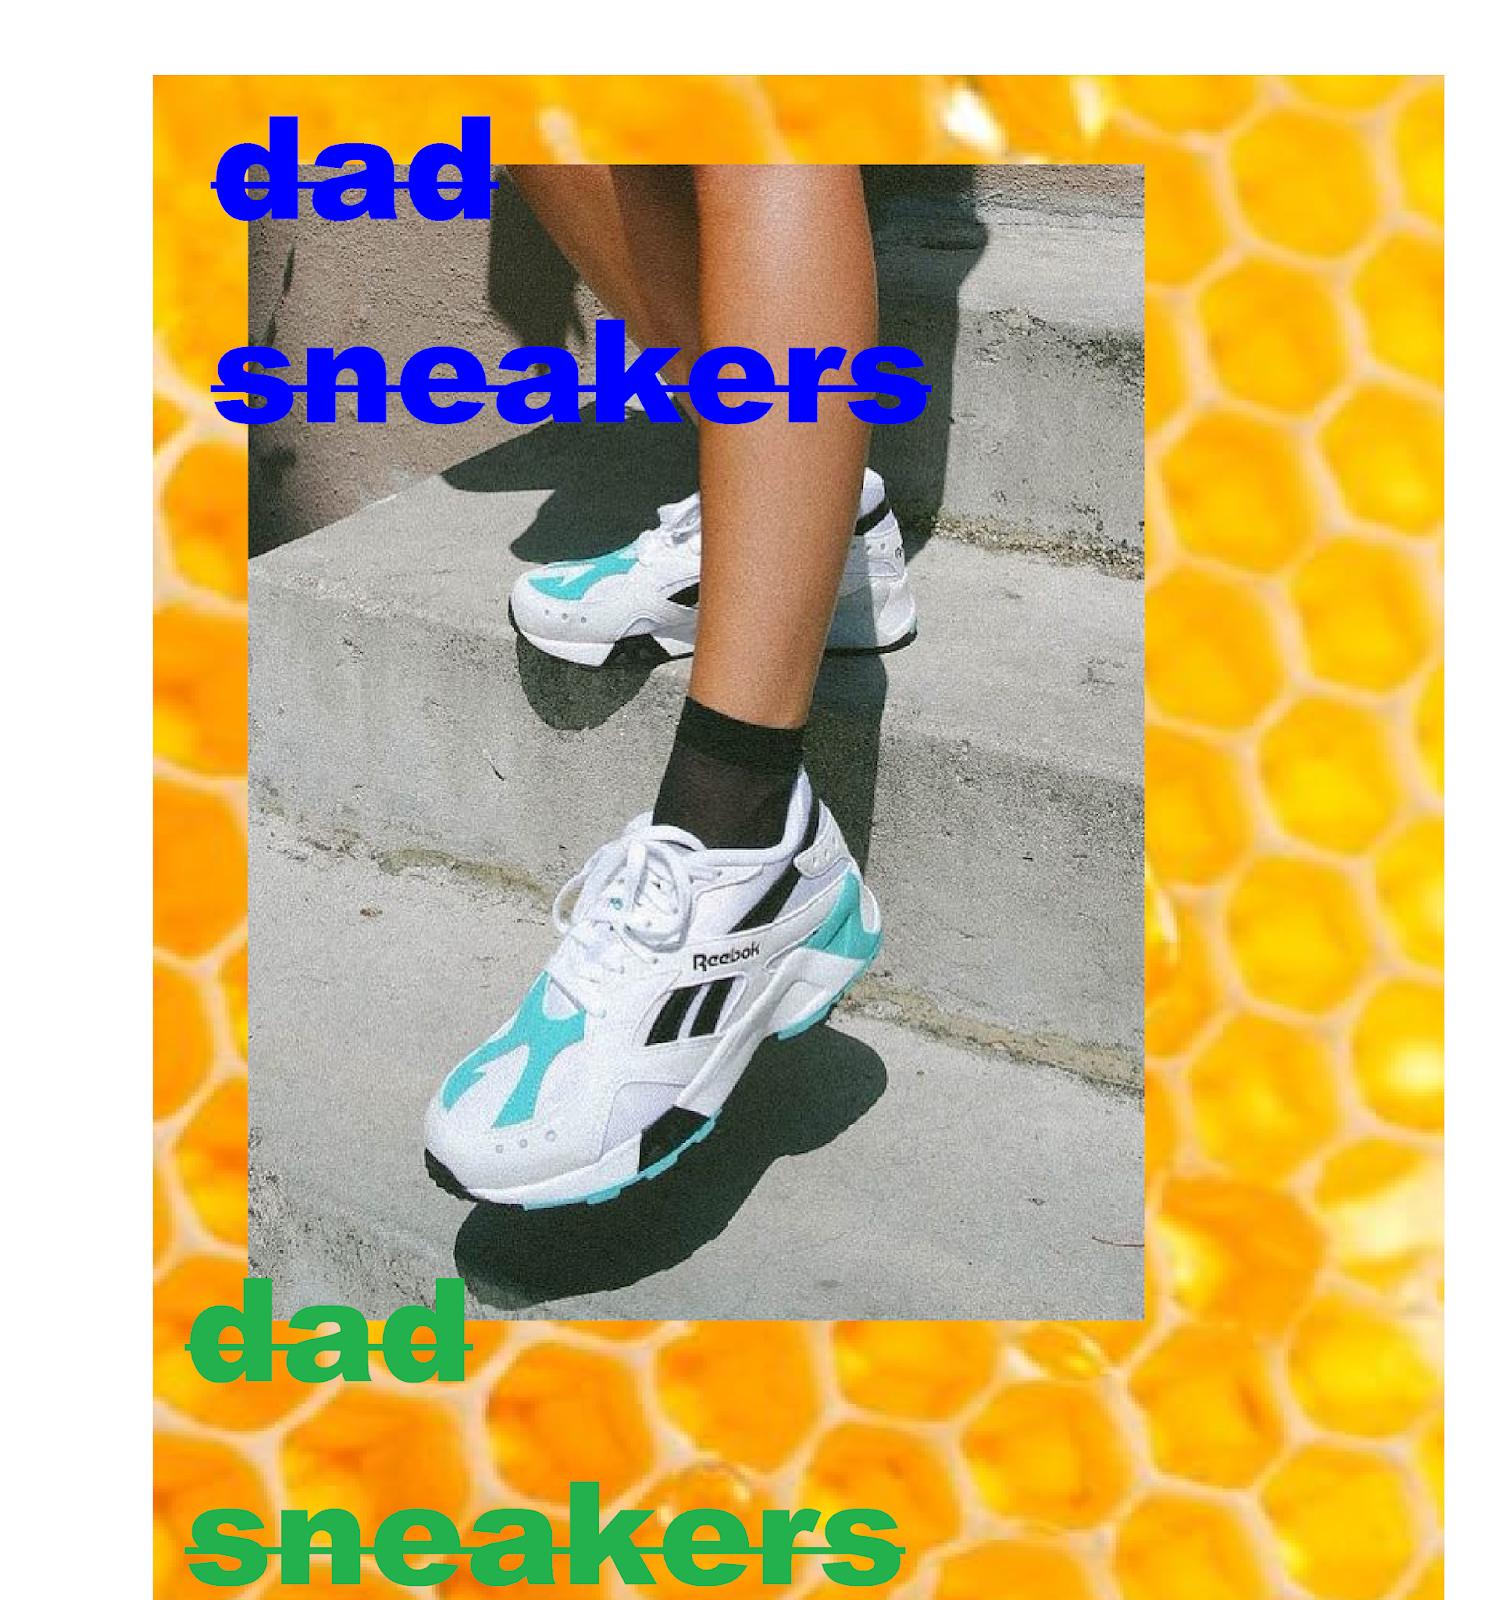 c01d6420225 DAD SNEAKERS - trend alert - Mix The Trends